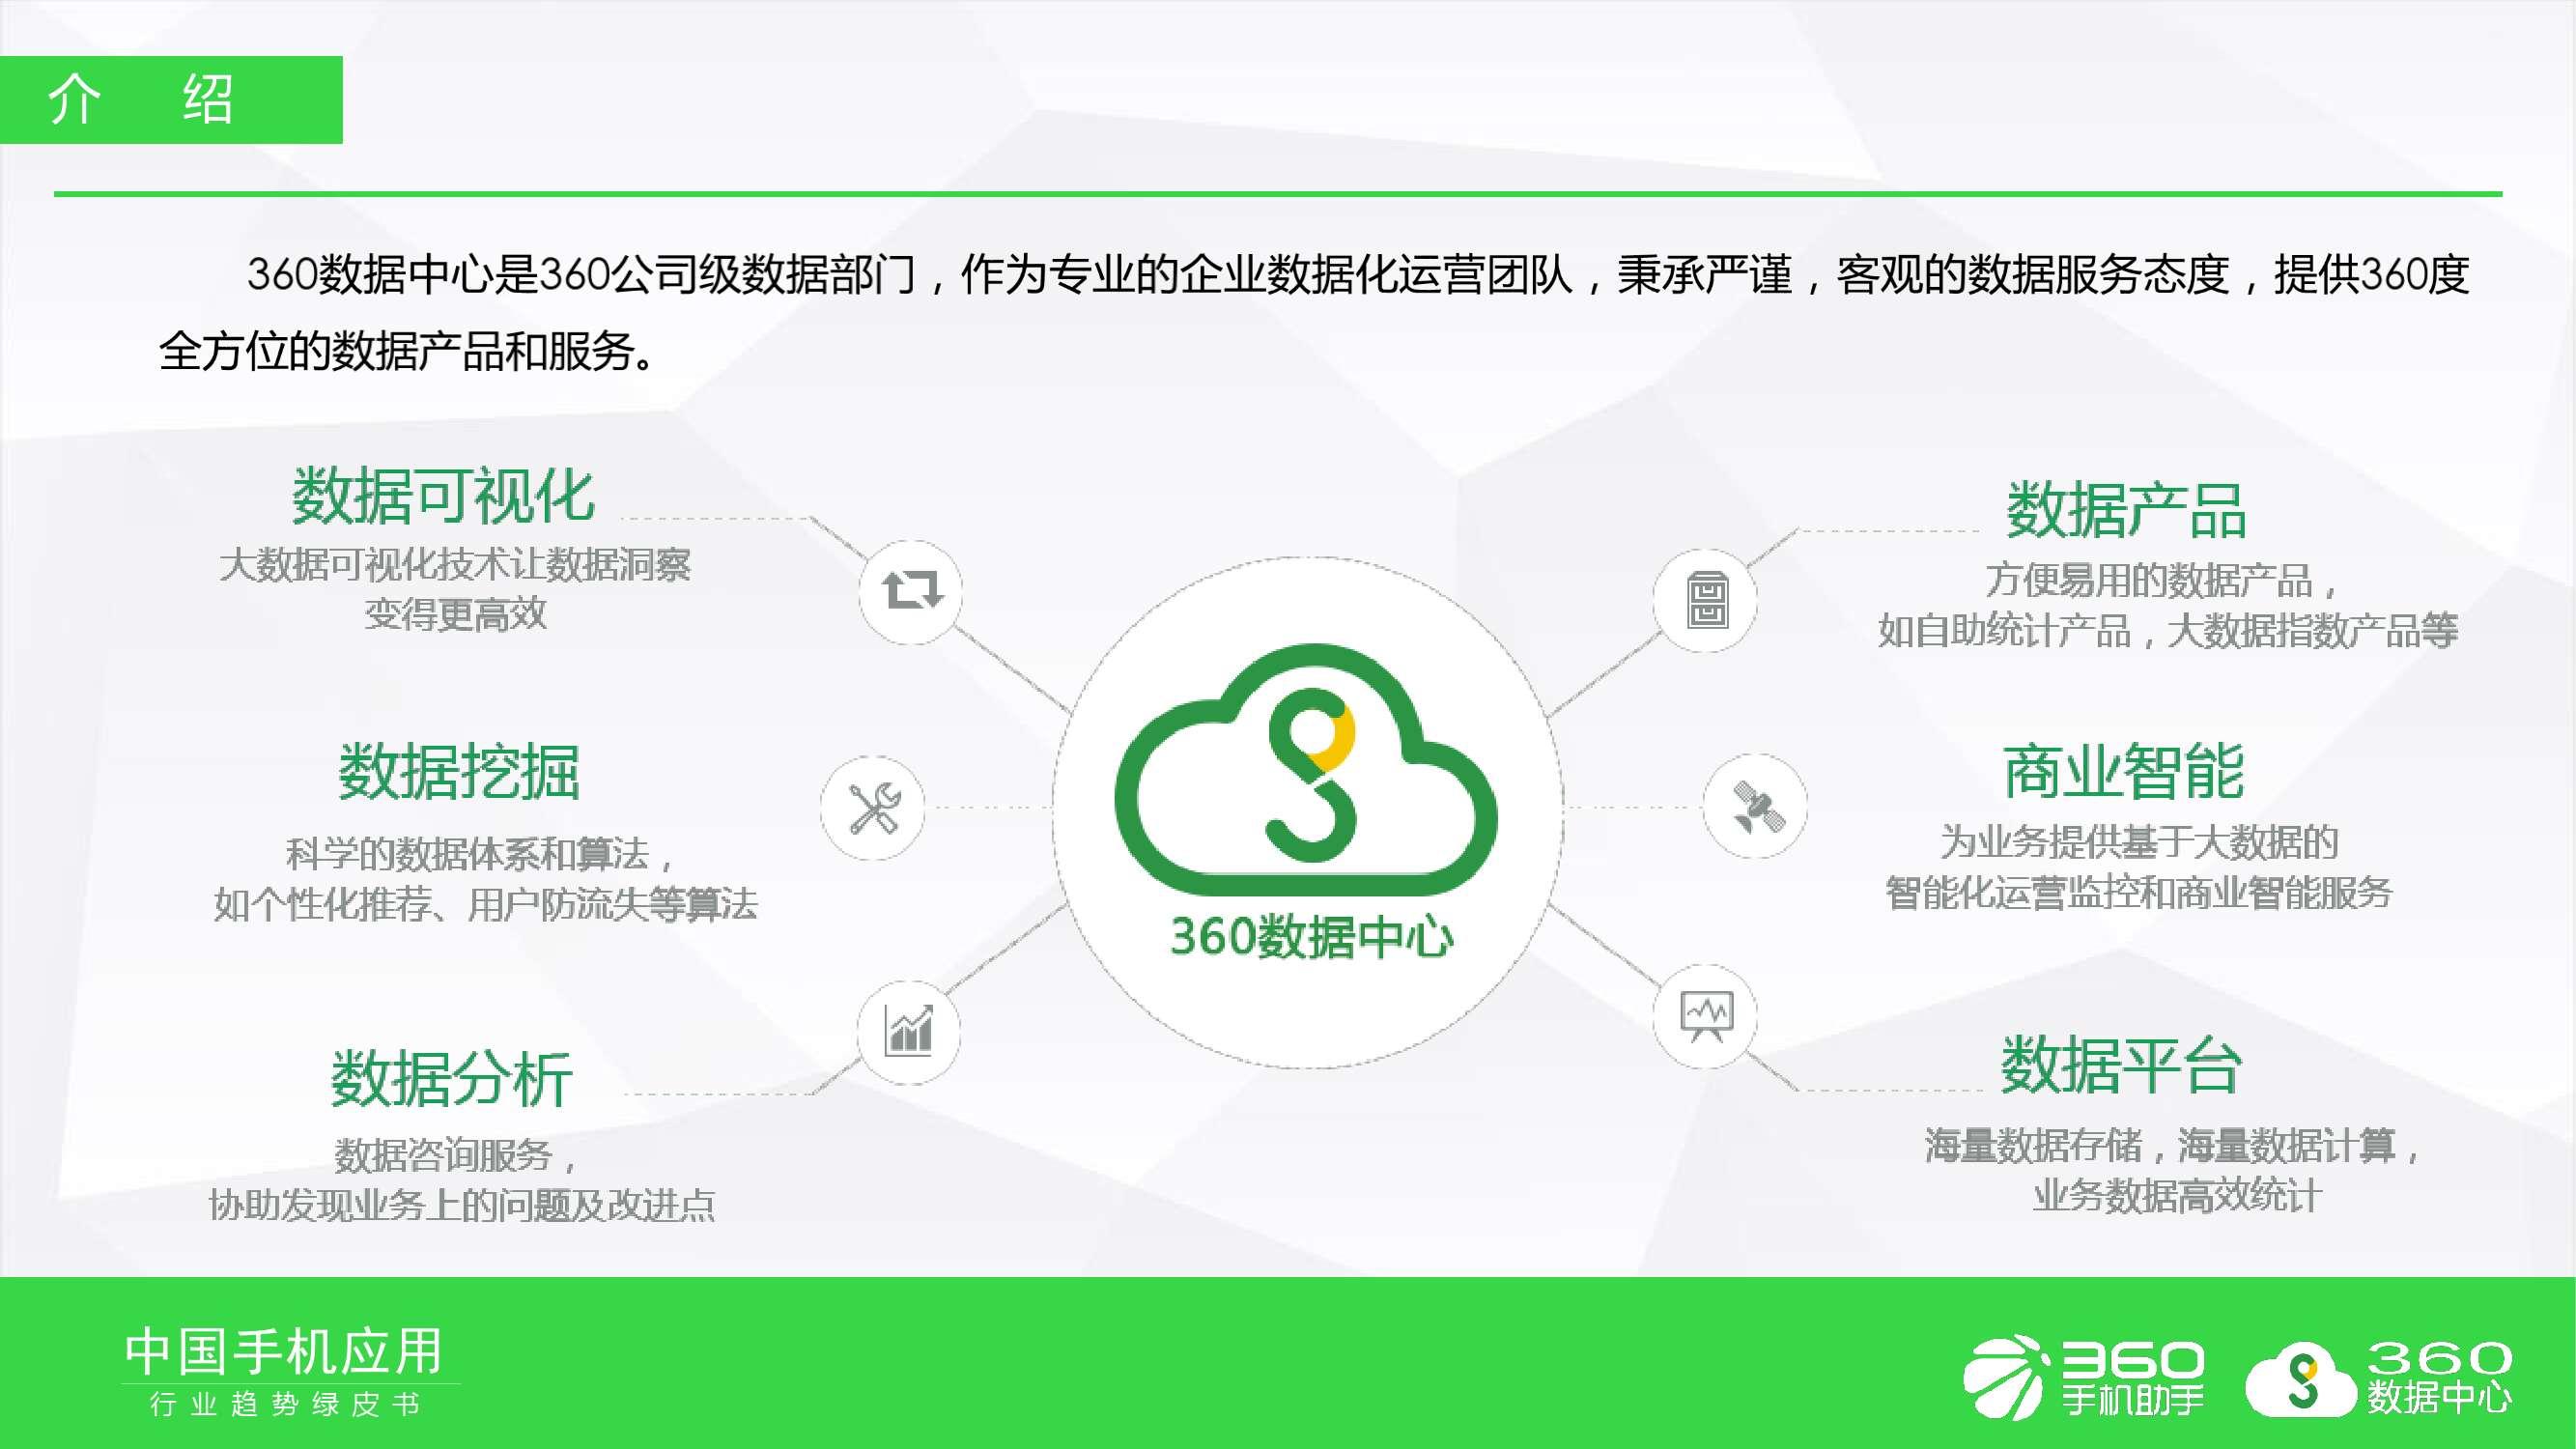 2016年手机软件行业趋势绿皮书_000060